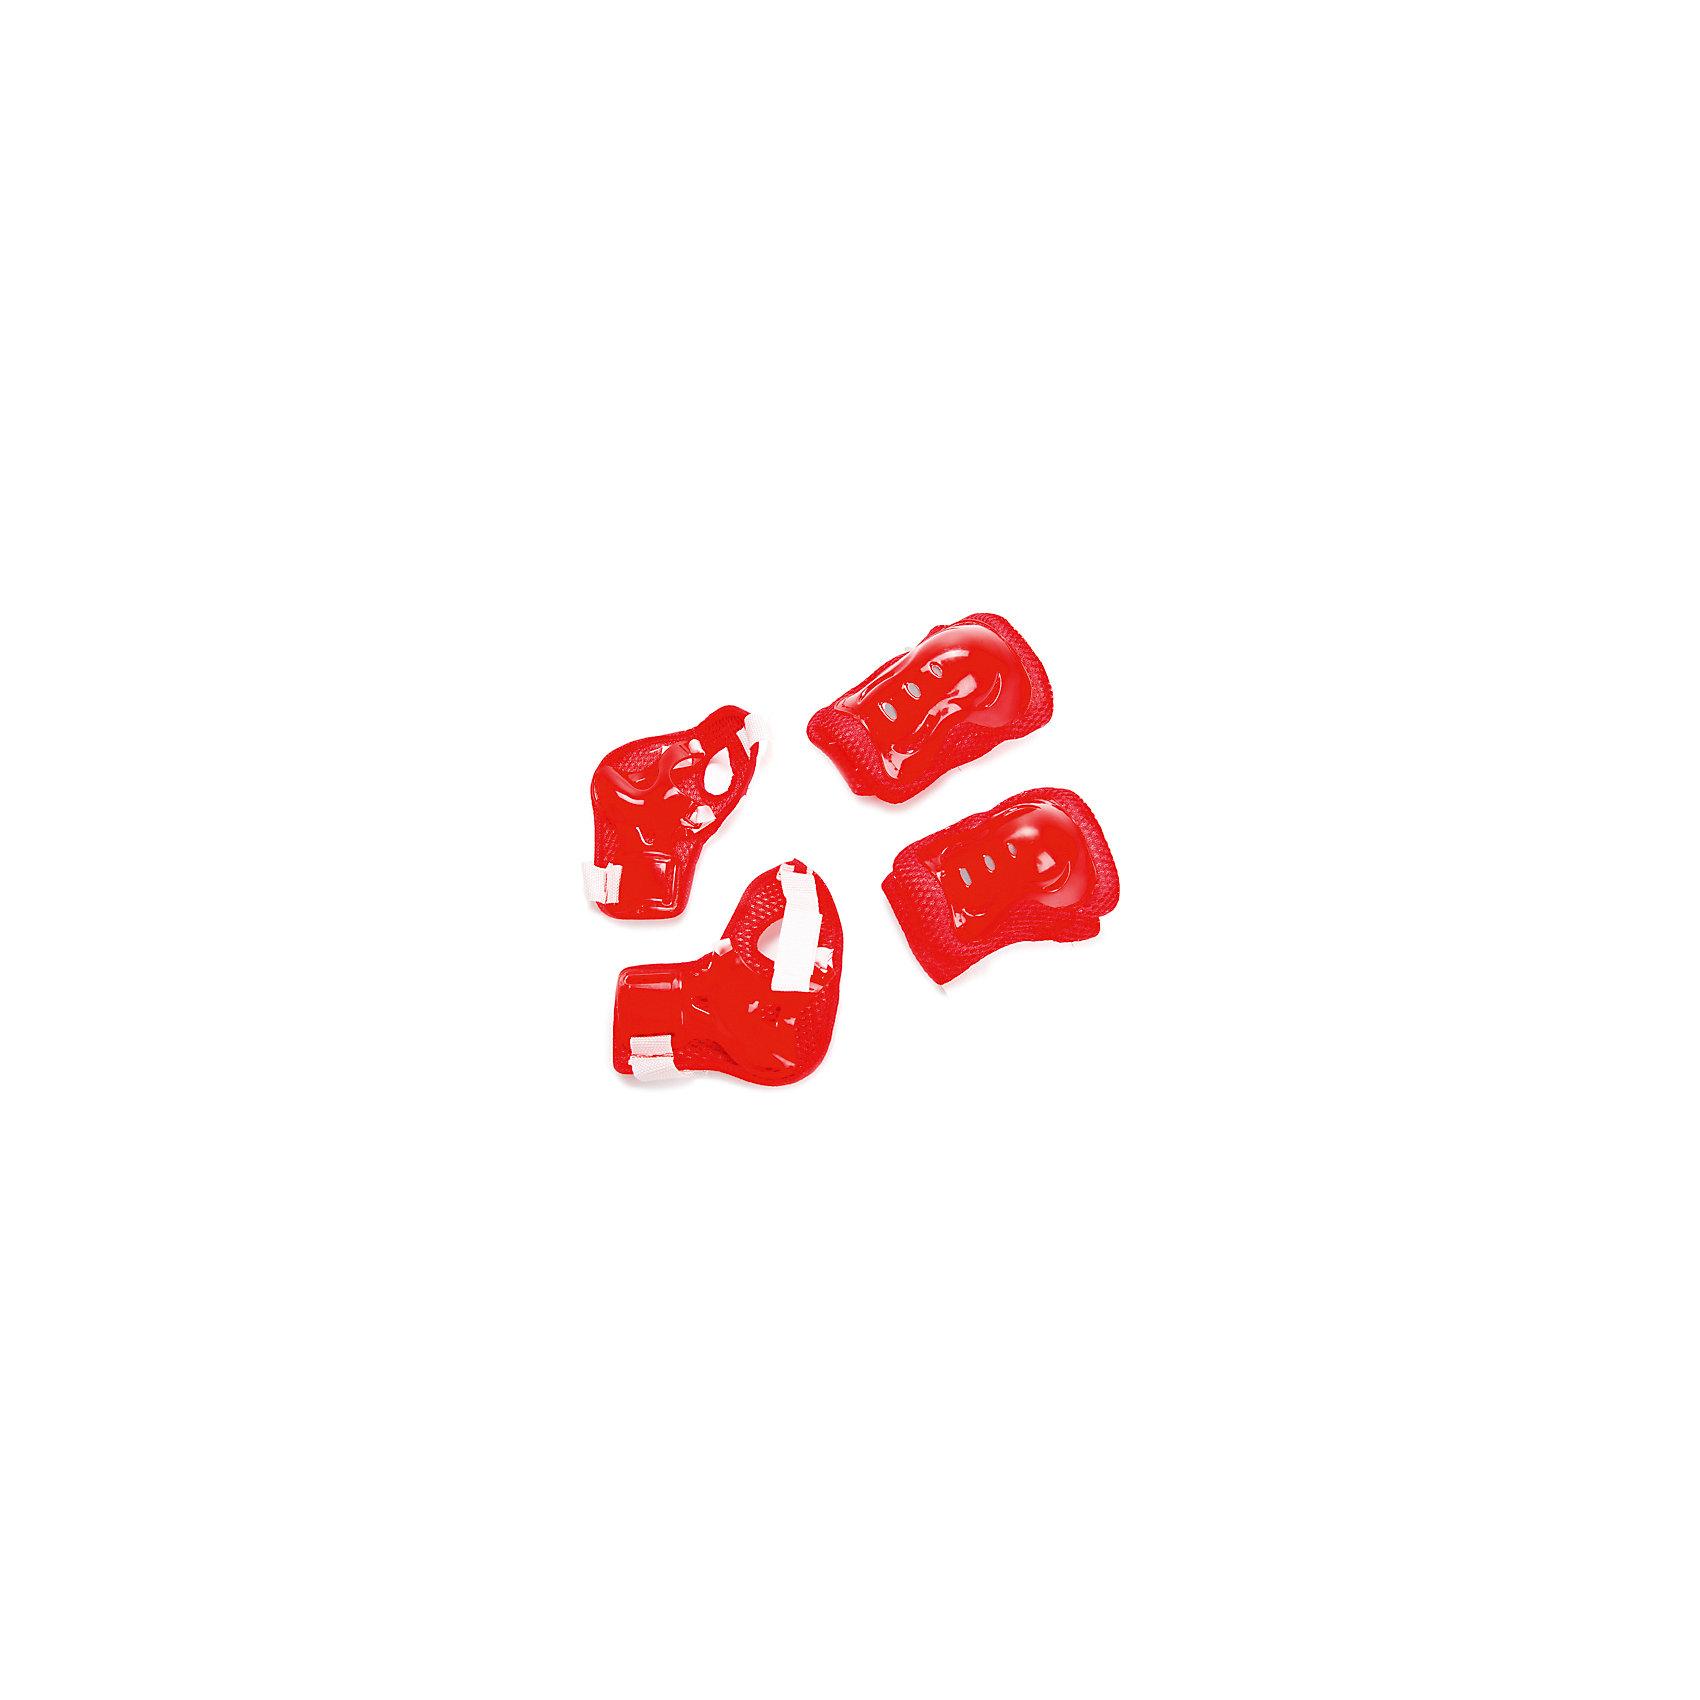 Комплект защиты для колен, локтей, запястий, Маша и МедведьЗащита, шлемы<br><br><br>Ширина мм: 80<br>Глубина мм: 330<br>Высота мм: 190<br>Вес г: 150<br>Возраст от месяцев: 36<br>Возраст до месяцев: 84<br>Пол: Унисекс<br>Возраст: Детский<br>SKU: 5603780